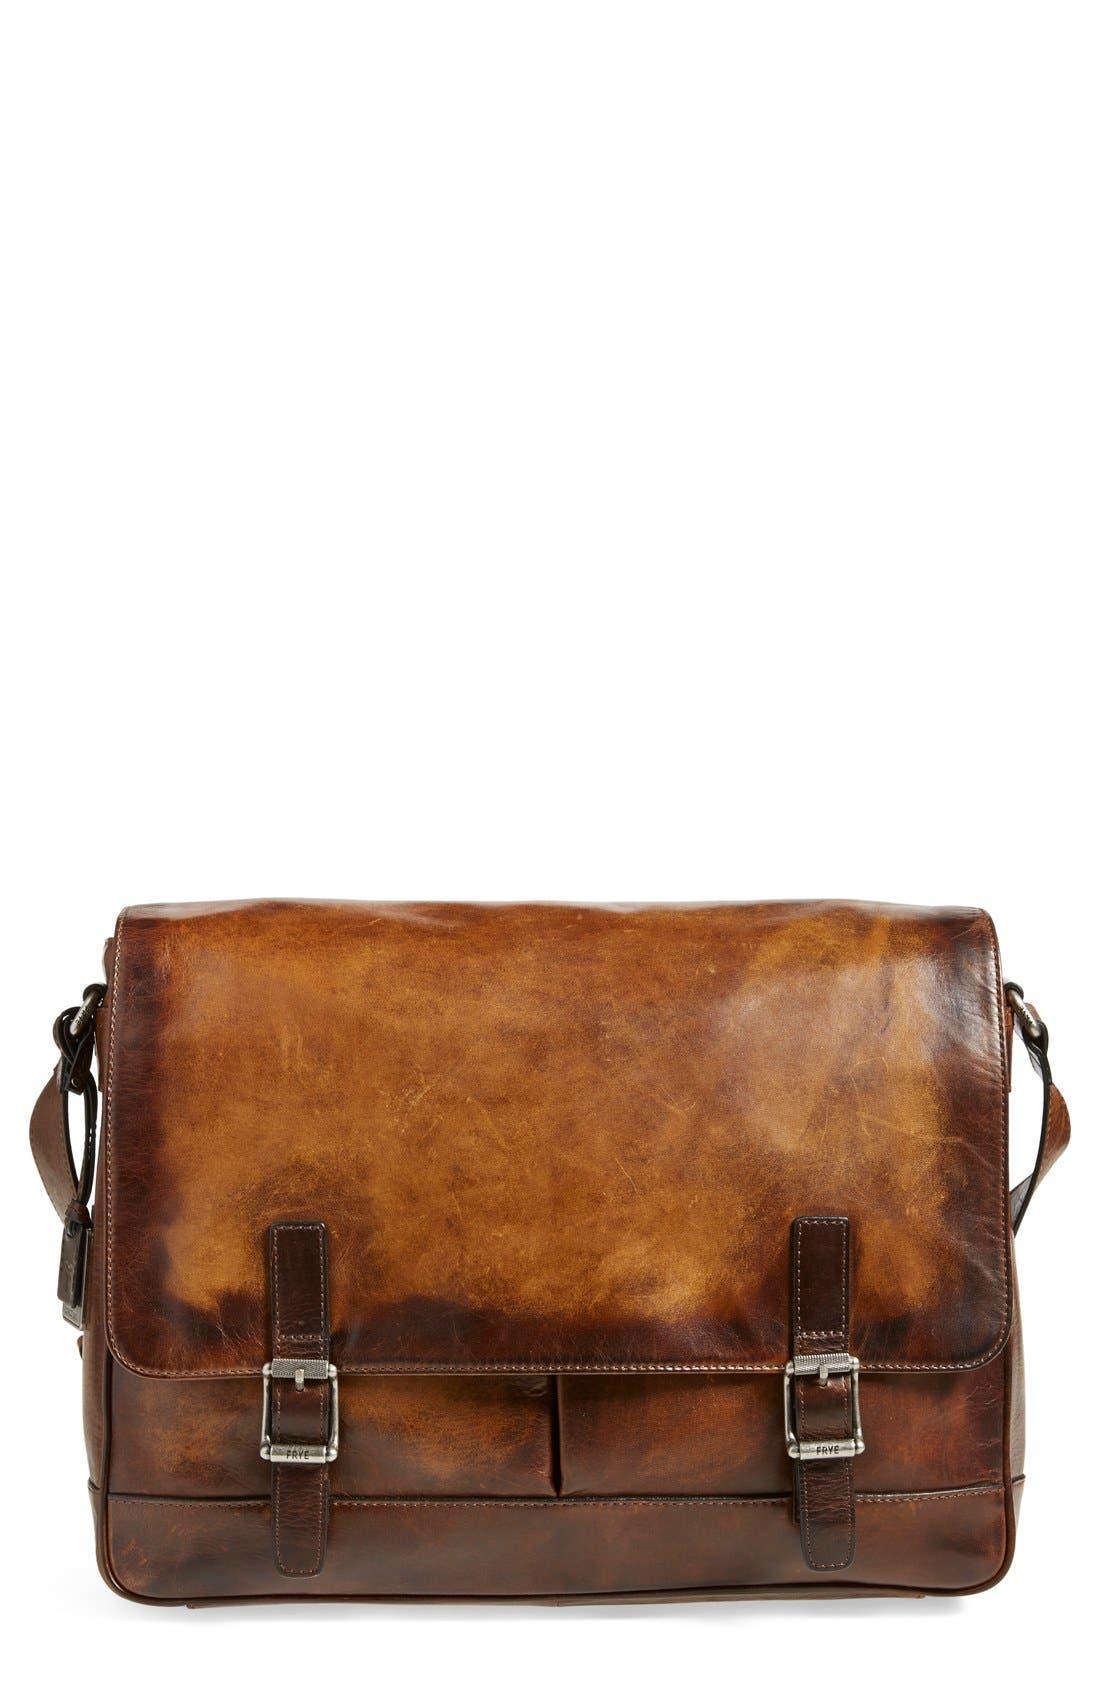 'Oliver' Leather Messenger Bag,                             Alternate thumbnail 7, color,                             Dark Brown